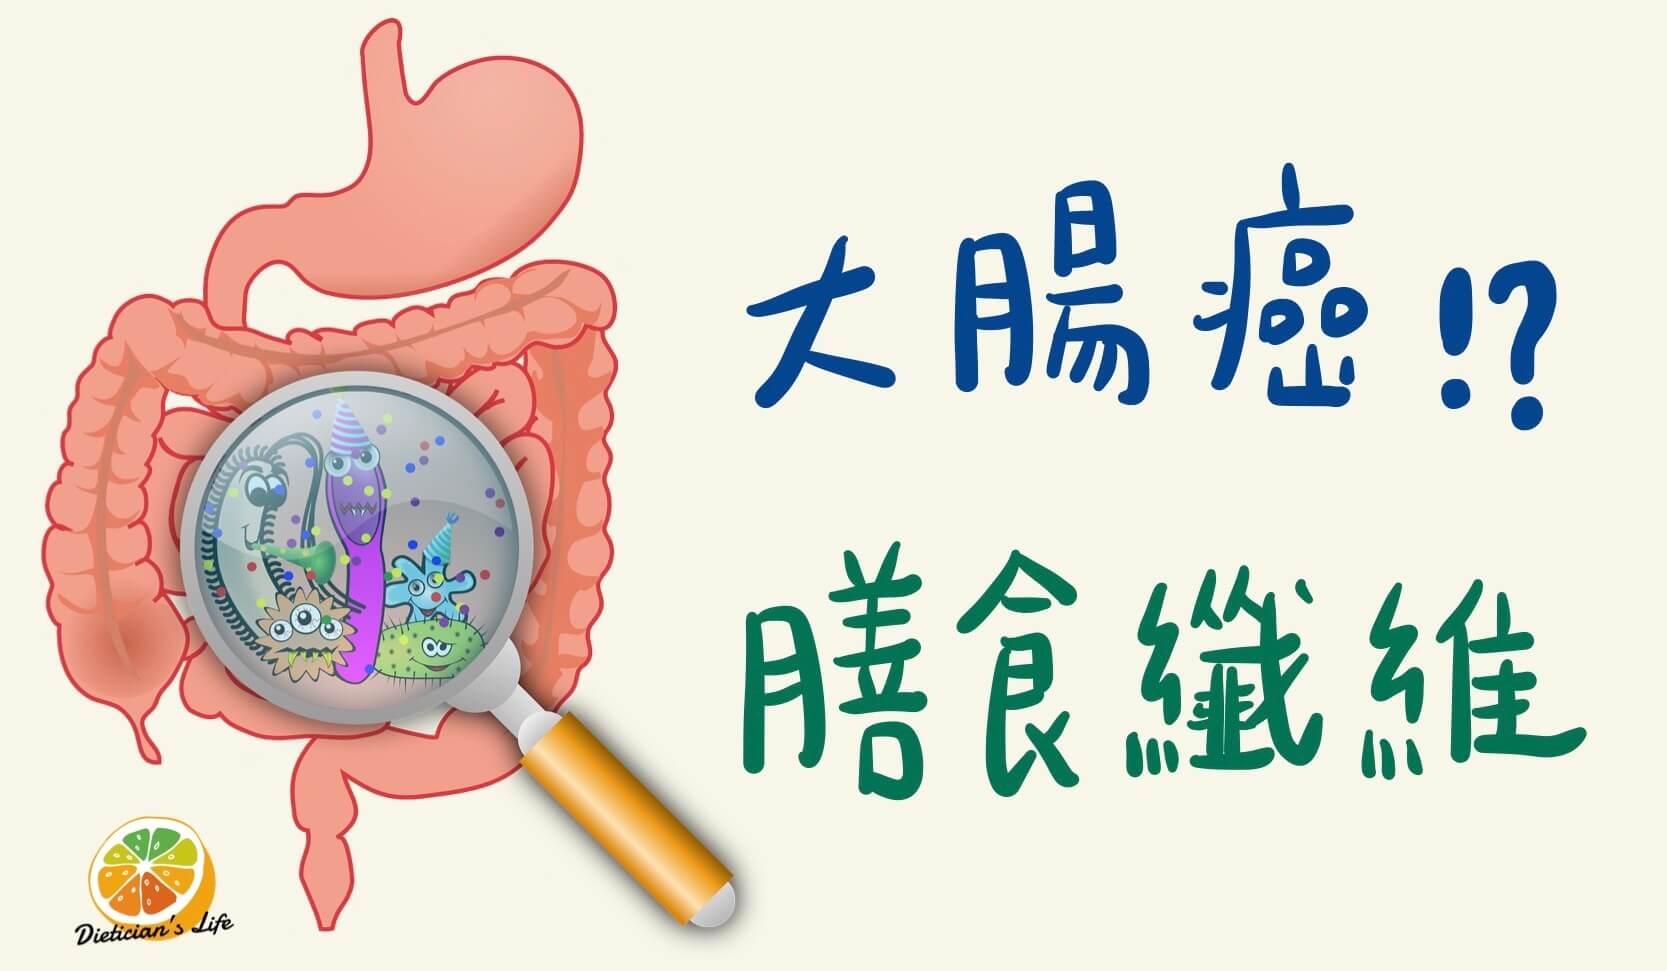 【疾病】擺脫大腸癌威脅,從多吃全穀類開始吧!